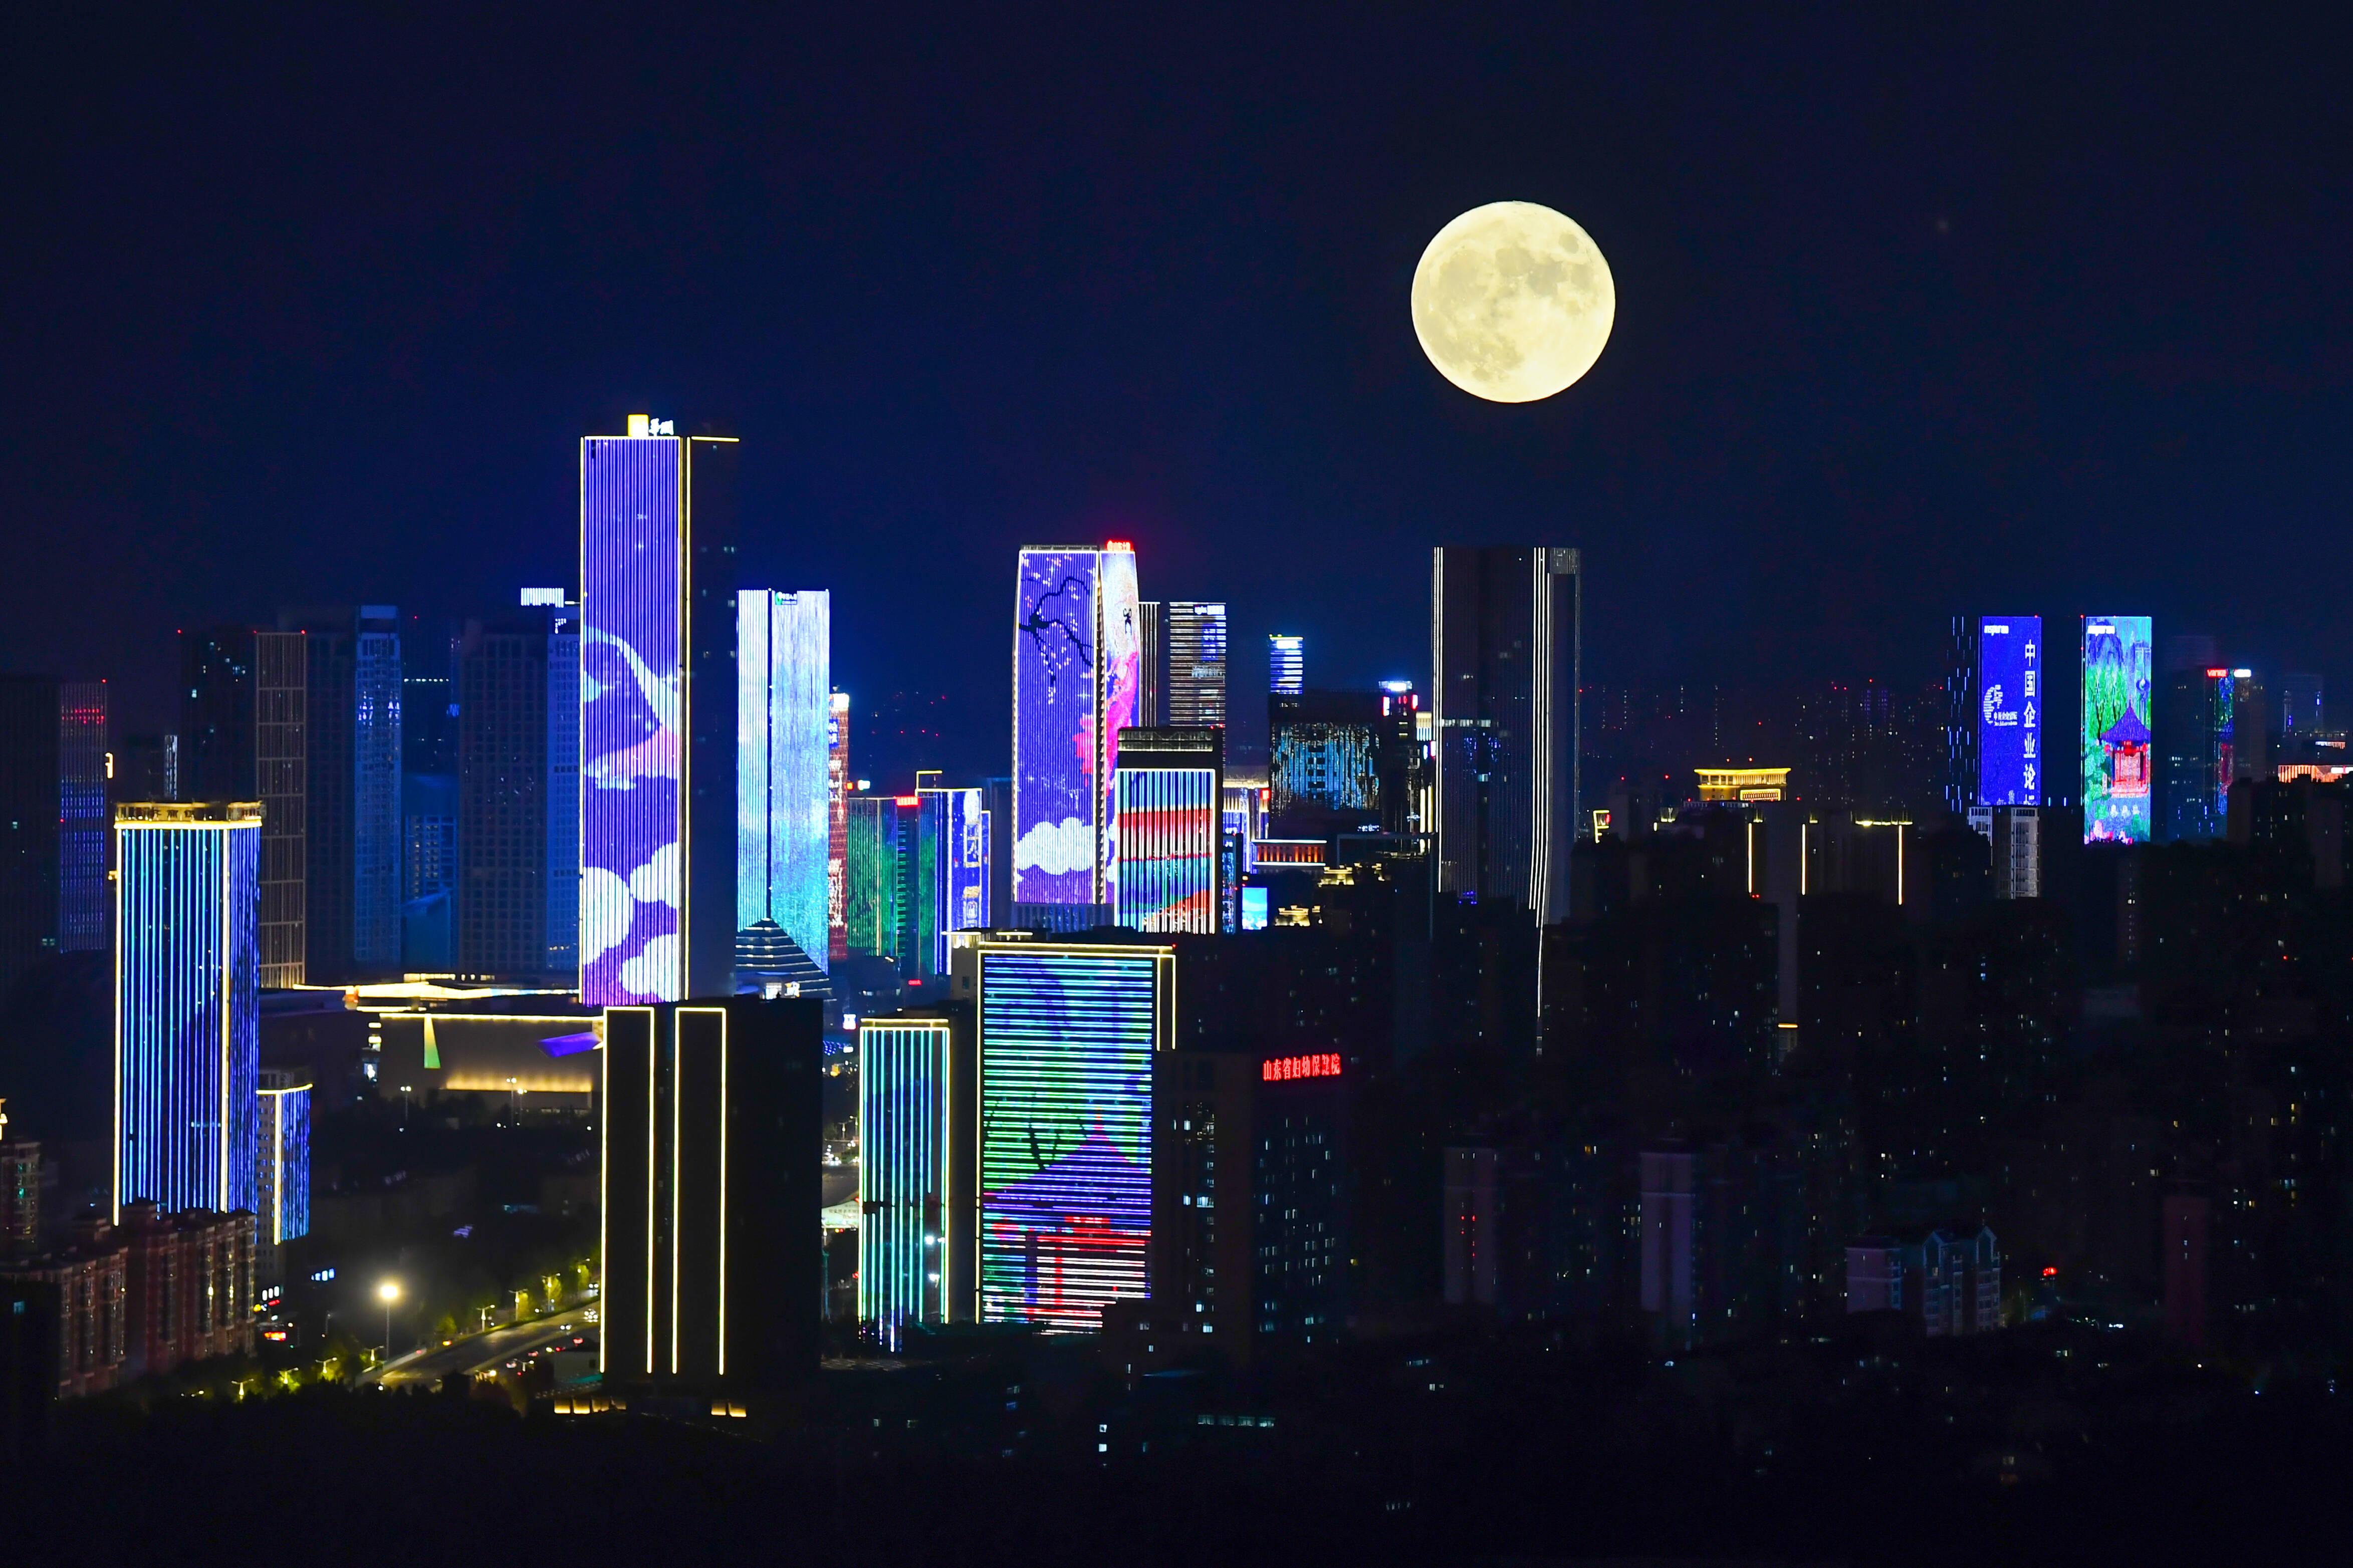 組圖∣中xing)鏌黃鵠瓷馱今年(nian)八月十五的月亮可(ke)比十六圓